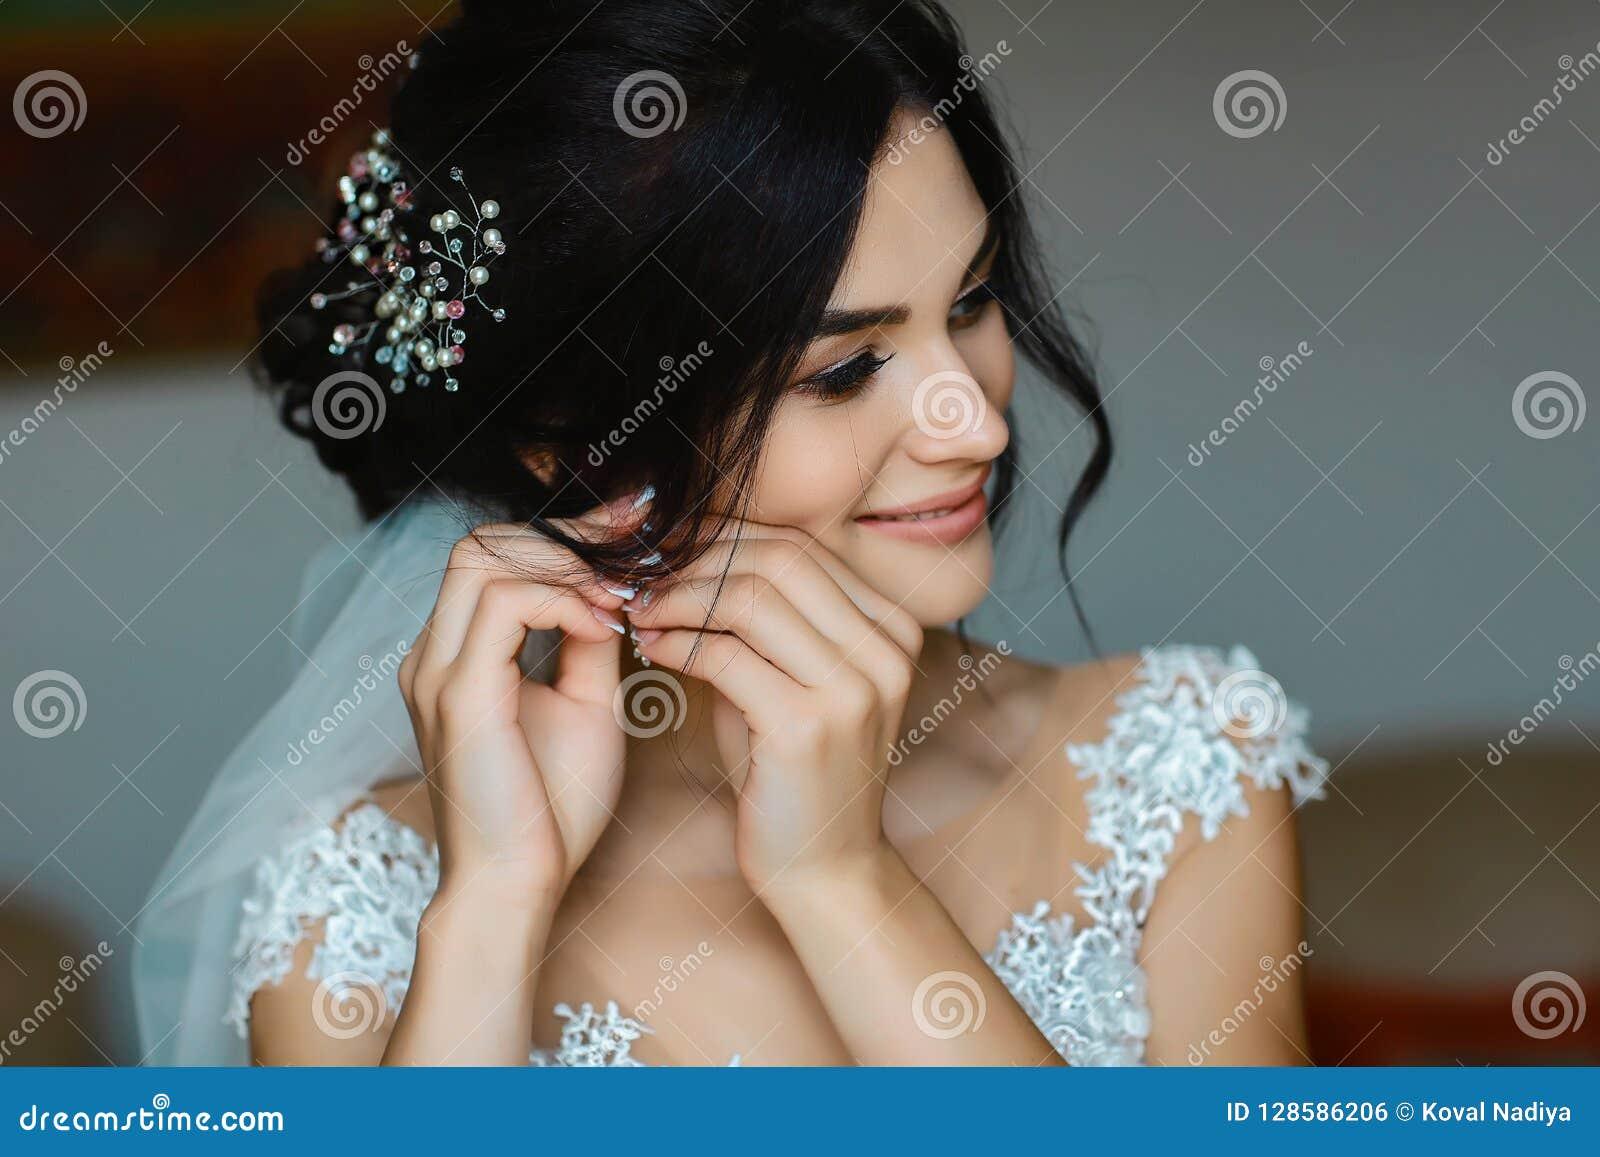 Γαμήλια σκουλαρίκια σε μια θηλυκή ένδυση χεριών, παίρνει τα σκουλαρίκια, οι αμοιβές νυφών, νύφη πρωινού, γυναίκα στο άσπρο φόρεμα